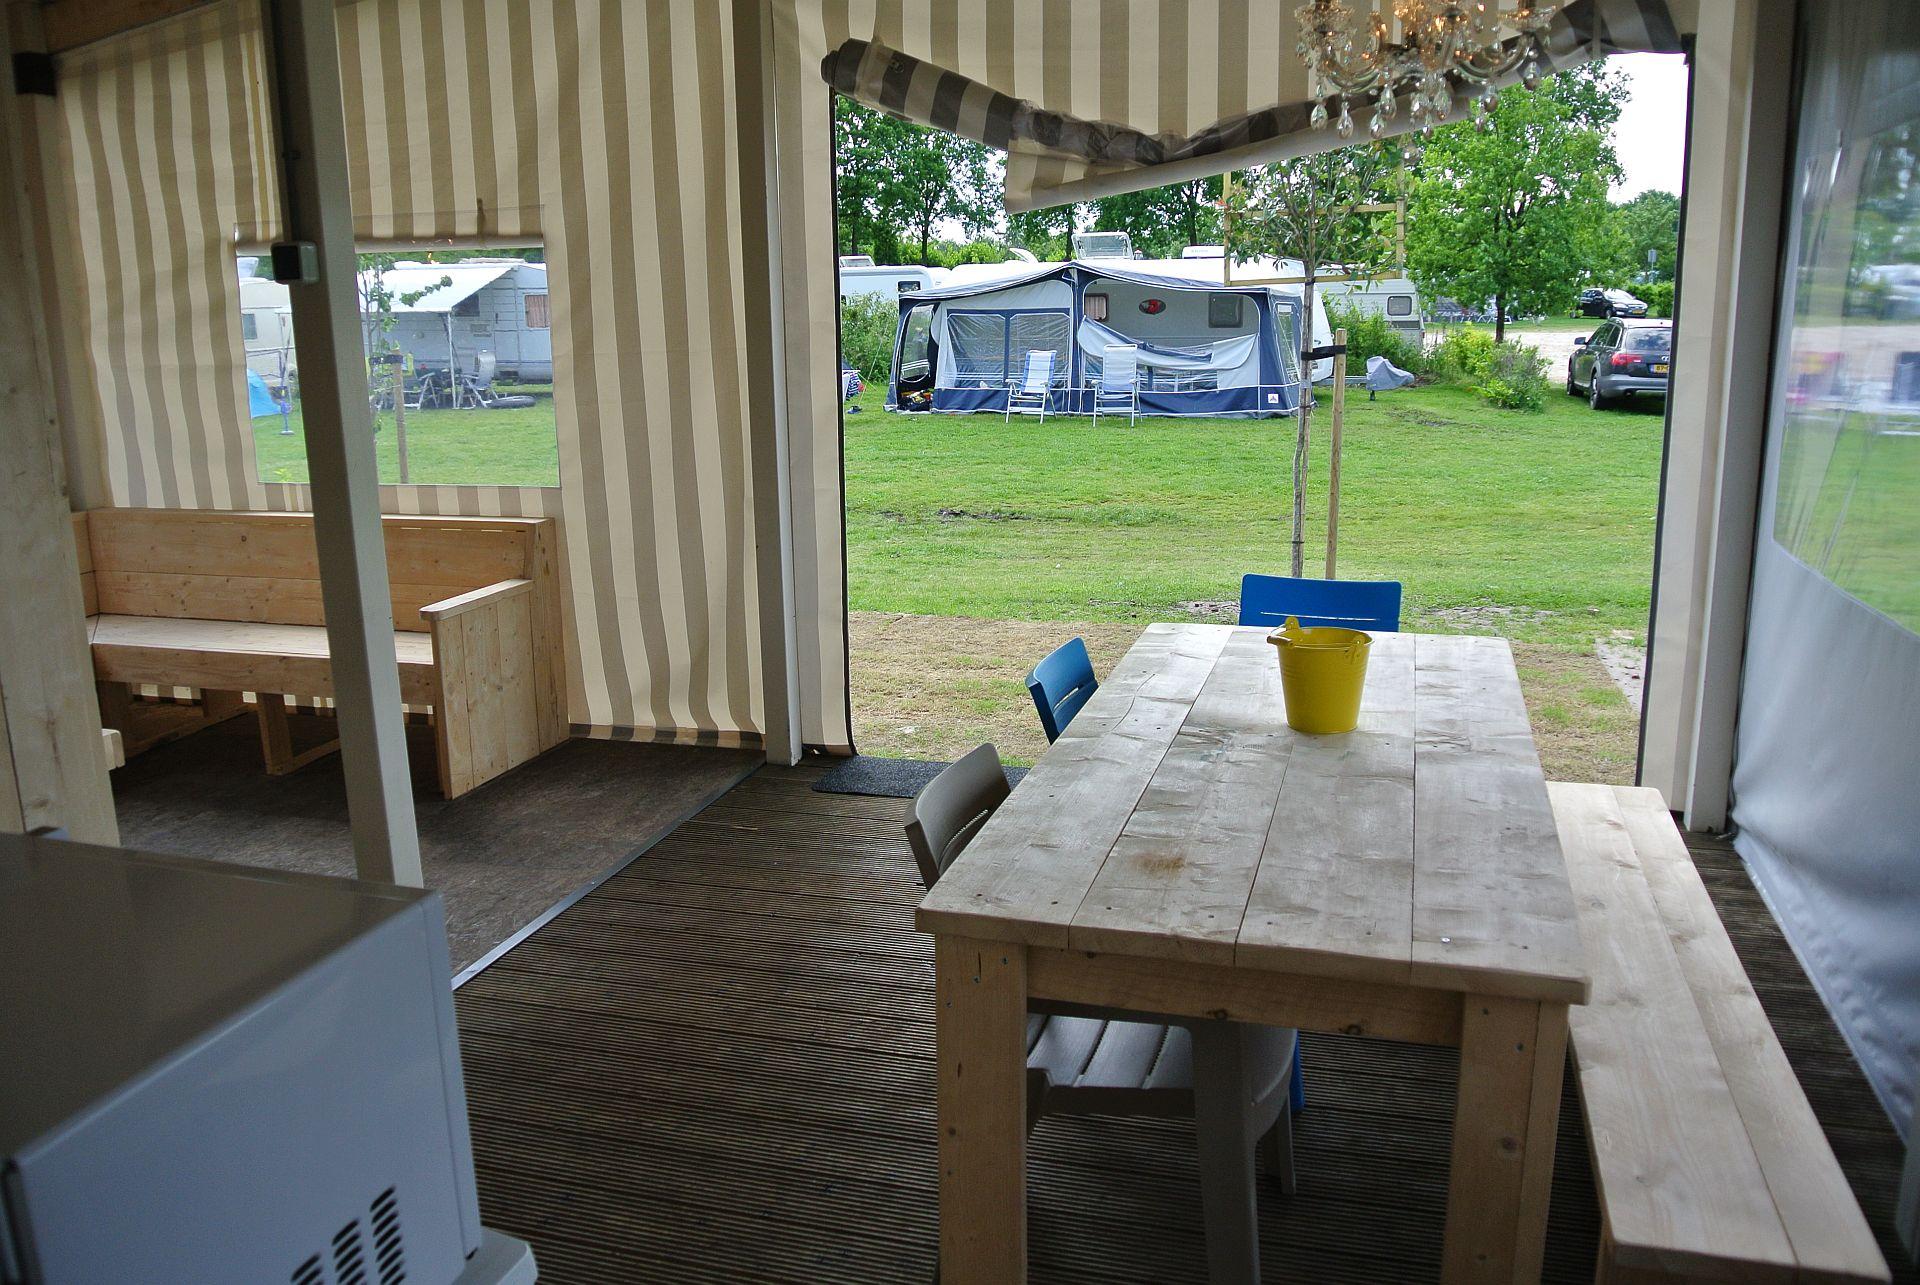 Lodgezelt, eine besondere Unterkunft direkt am Strand! - Lodgezelt Mieten am Wasser